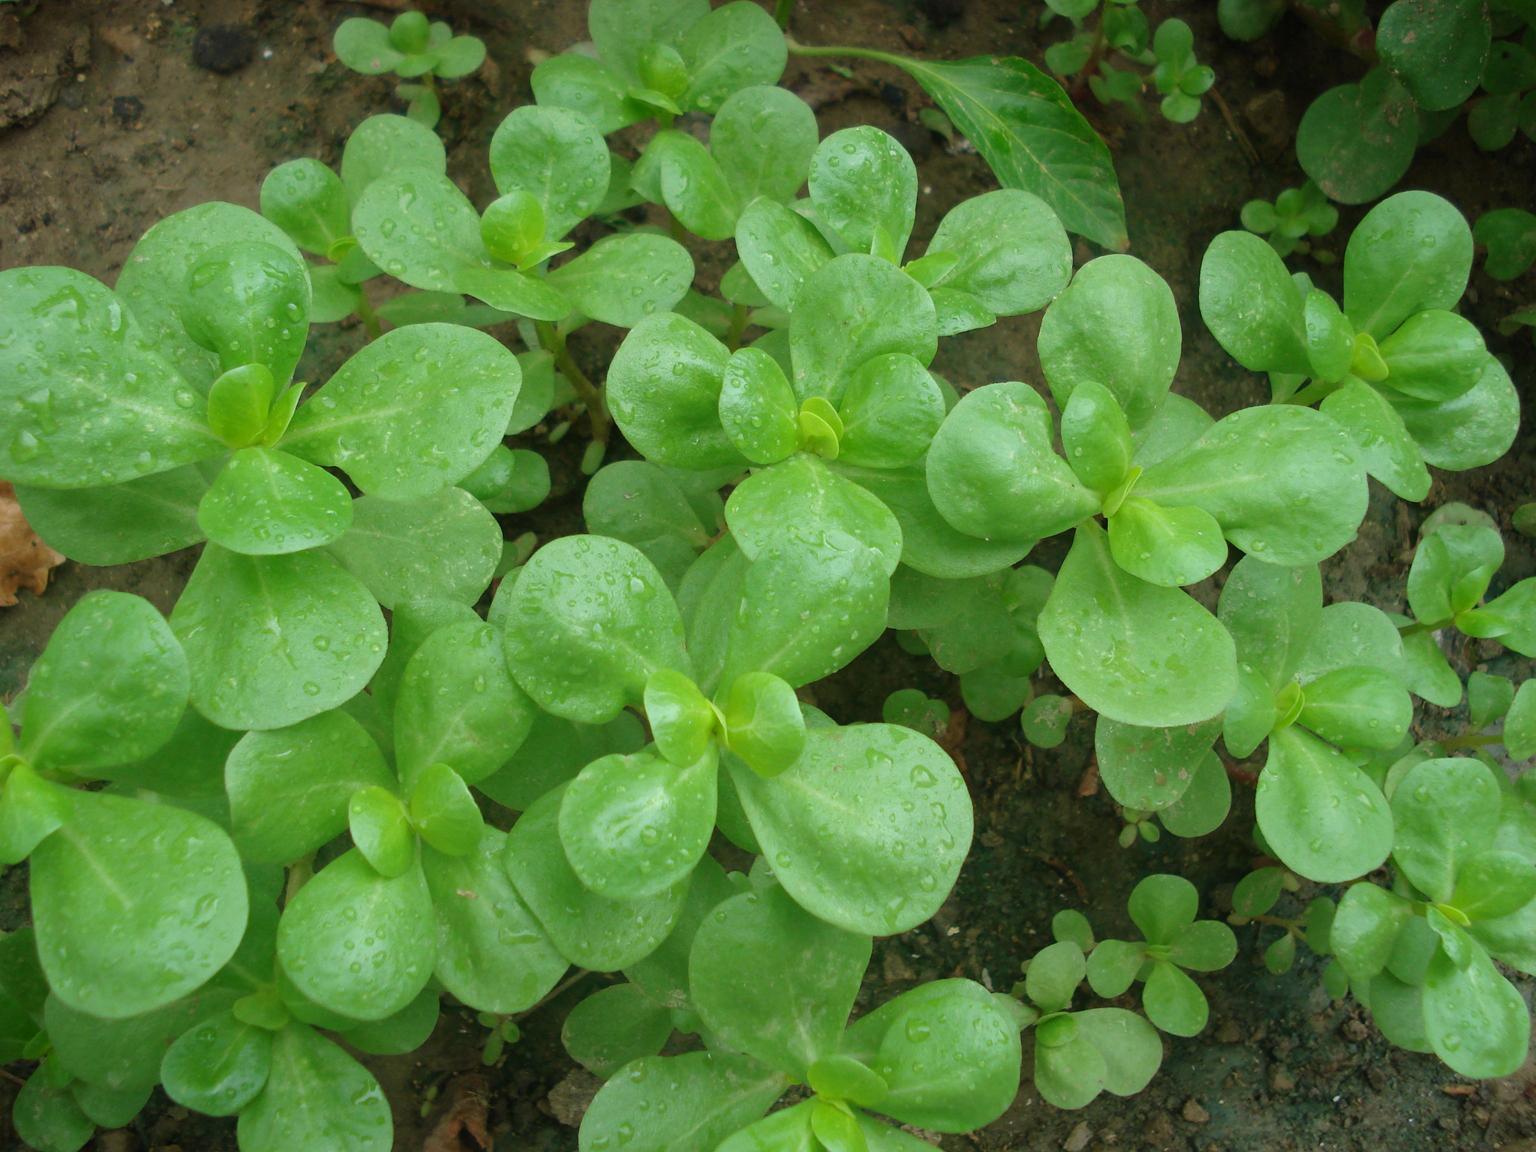 Leaves-of-Purslane